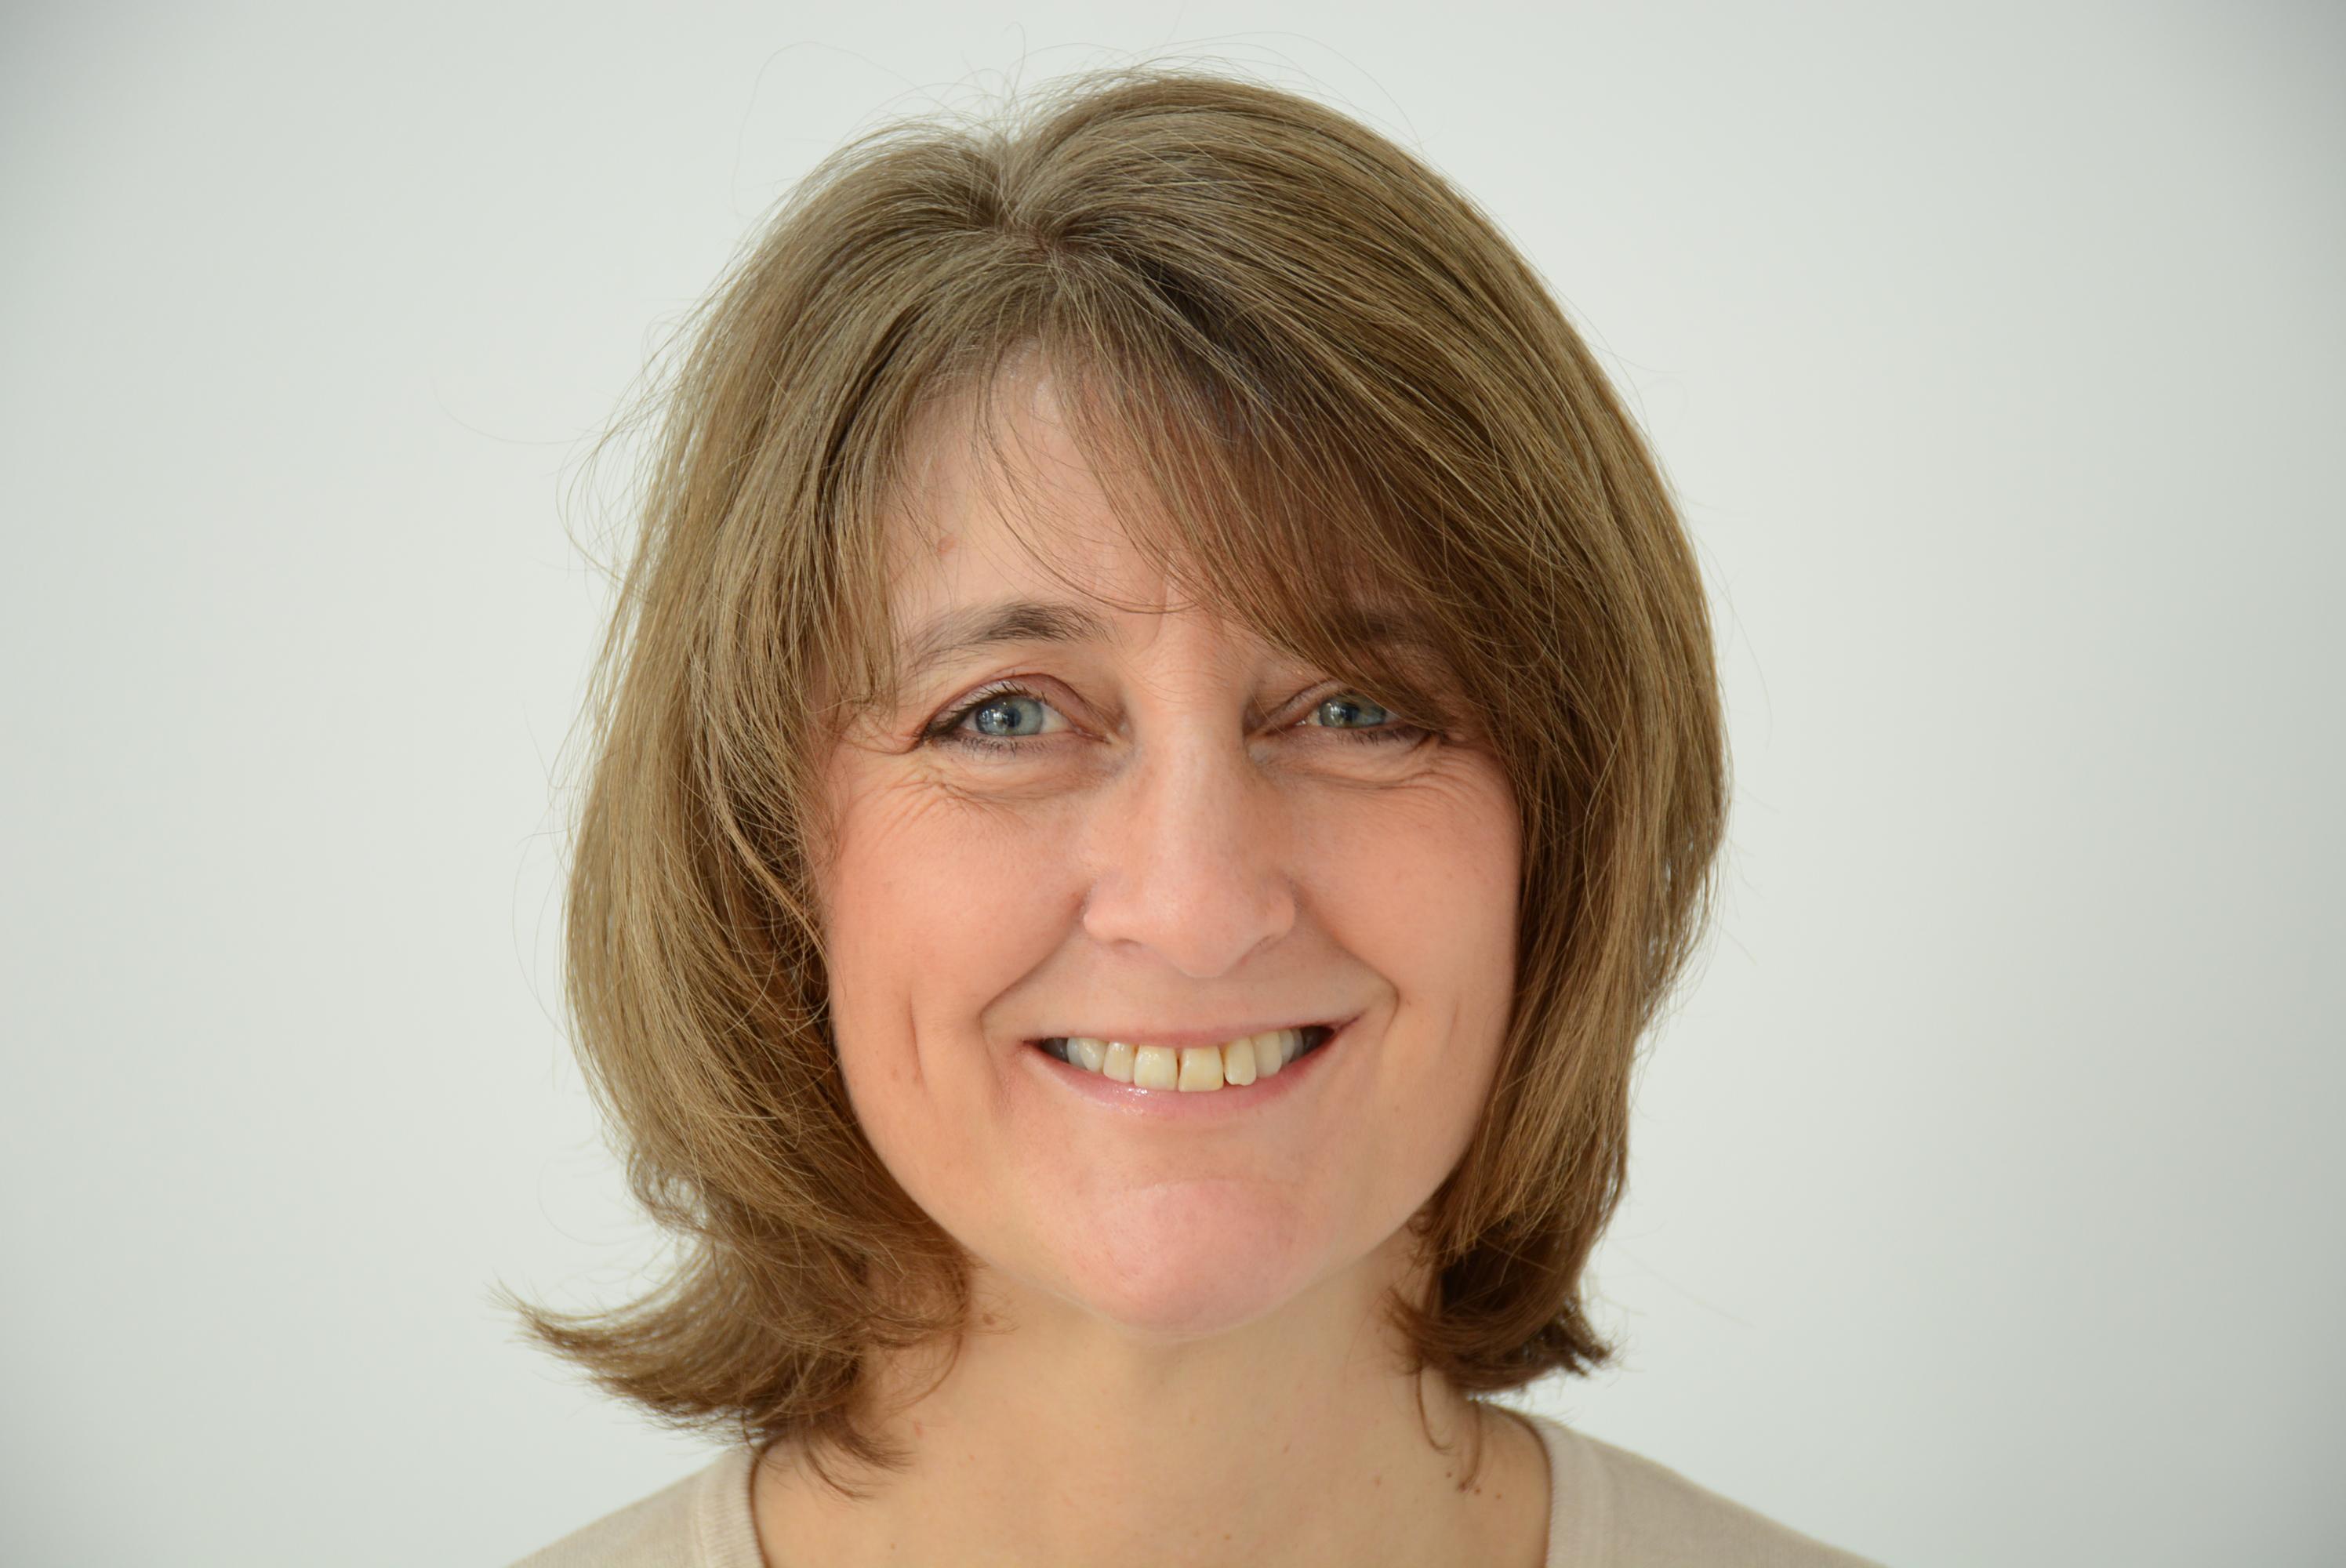 Angie Kraft